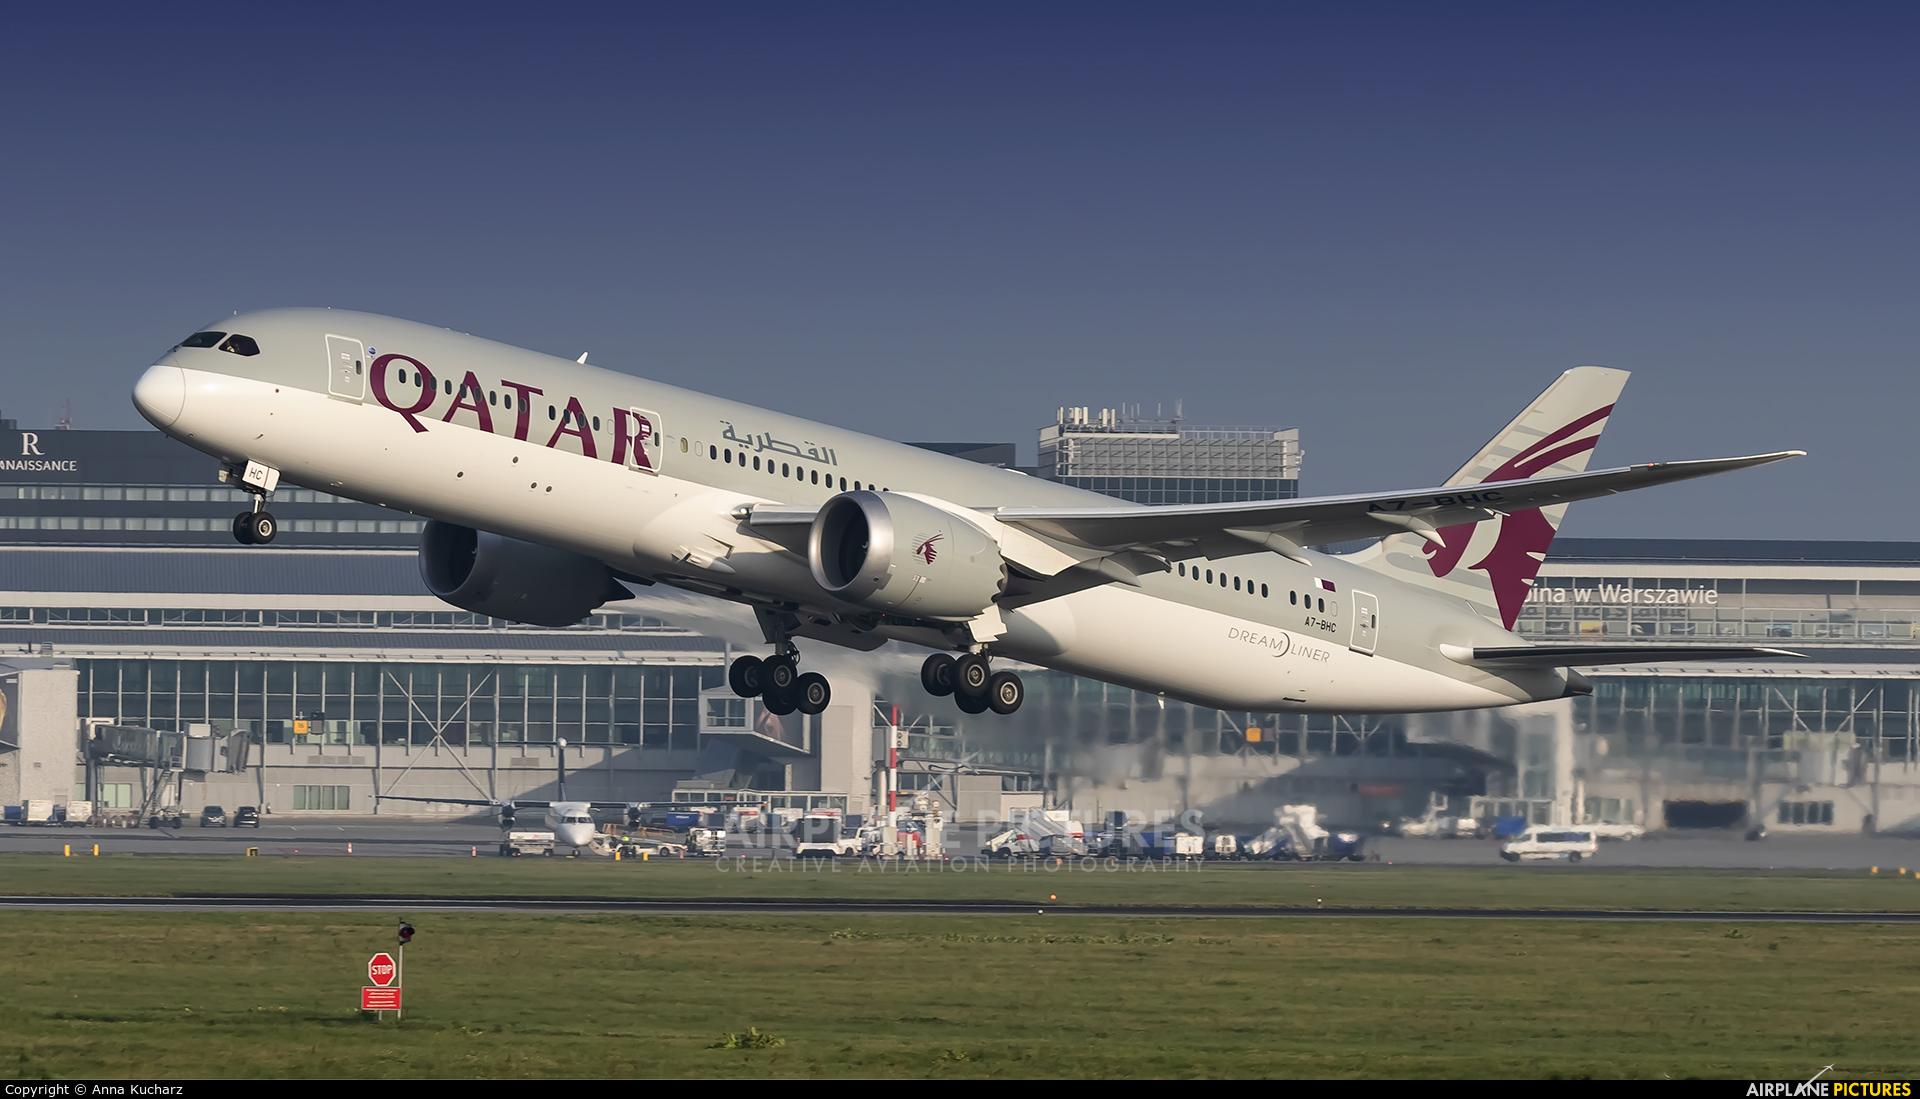 Qatar Airways A7-BHC aircraft at Warsaw - Frederic Chopin